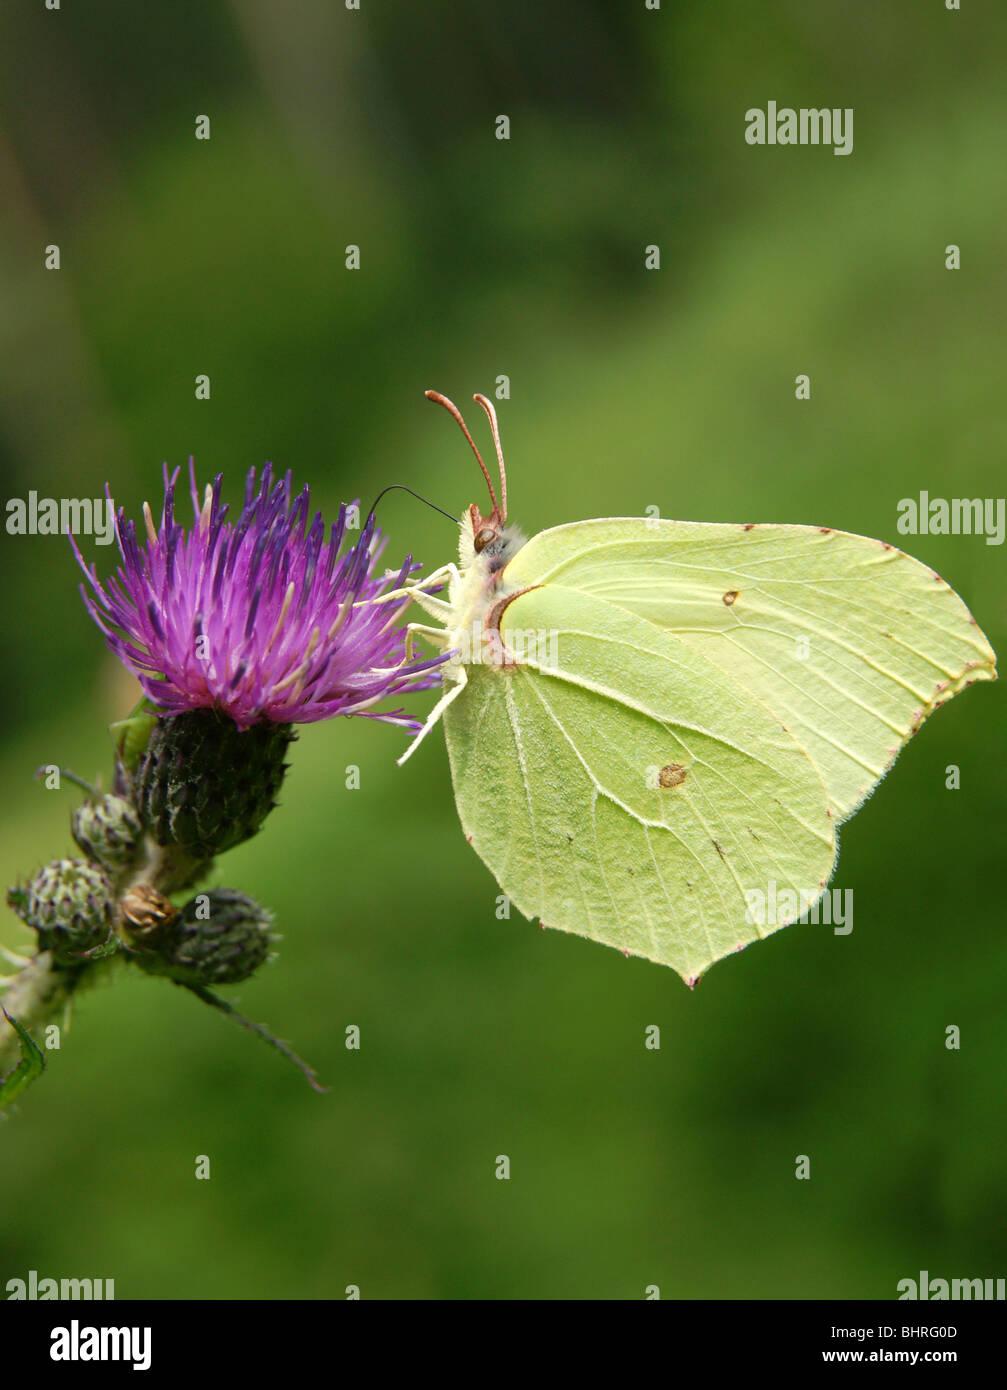 Limone Giallo farfalla sul fiore viola close-up Immagini Stock